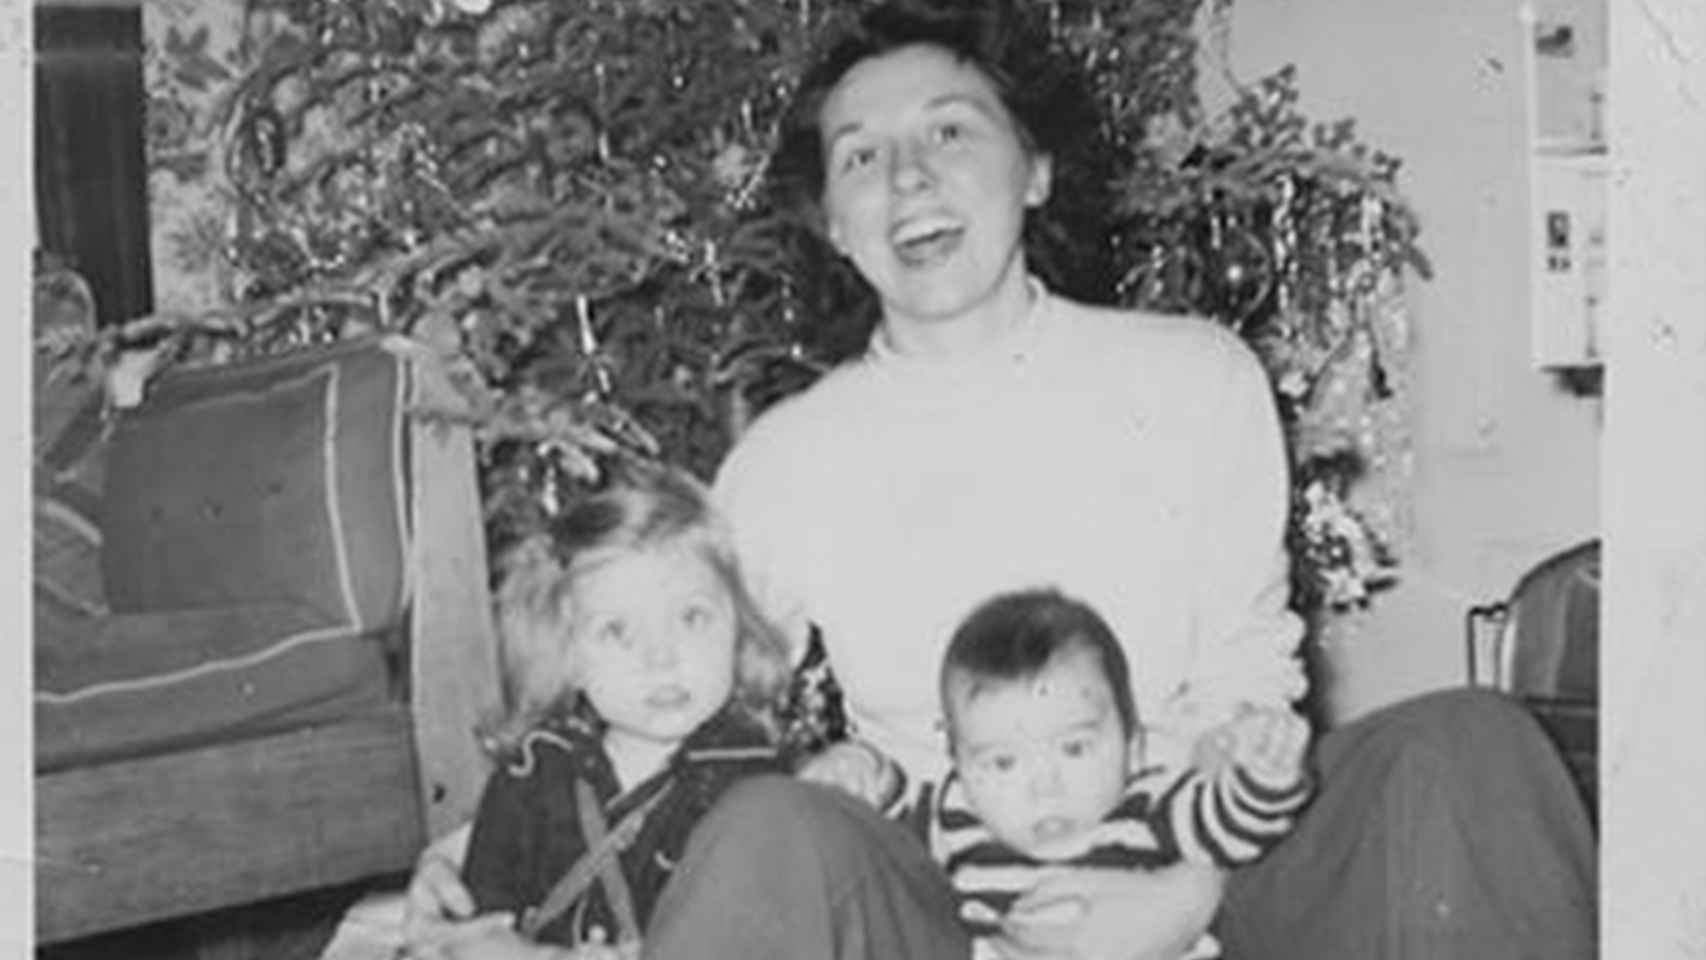 Dorothy, la madre de Hillary Clinton, con dos de sus hijos